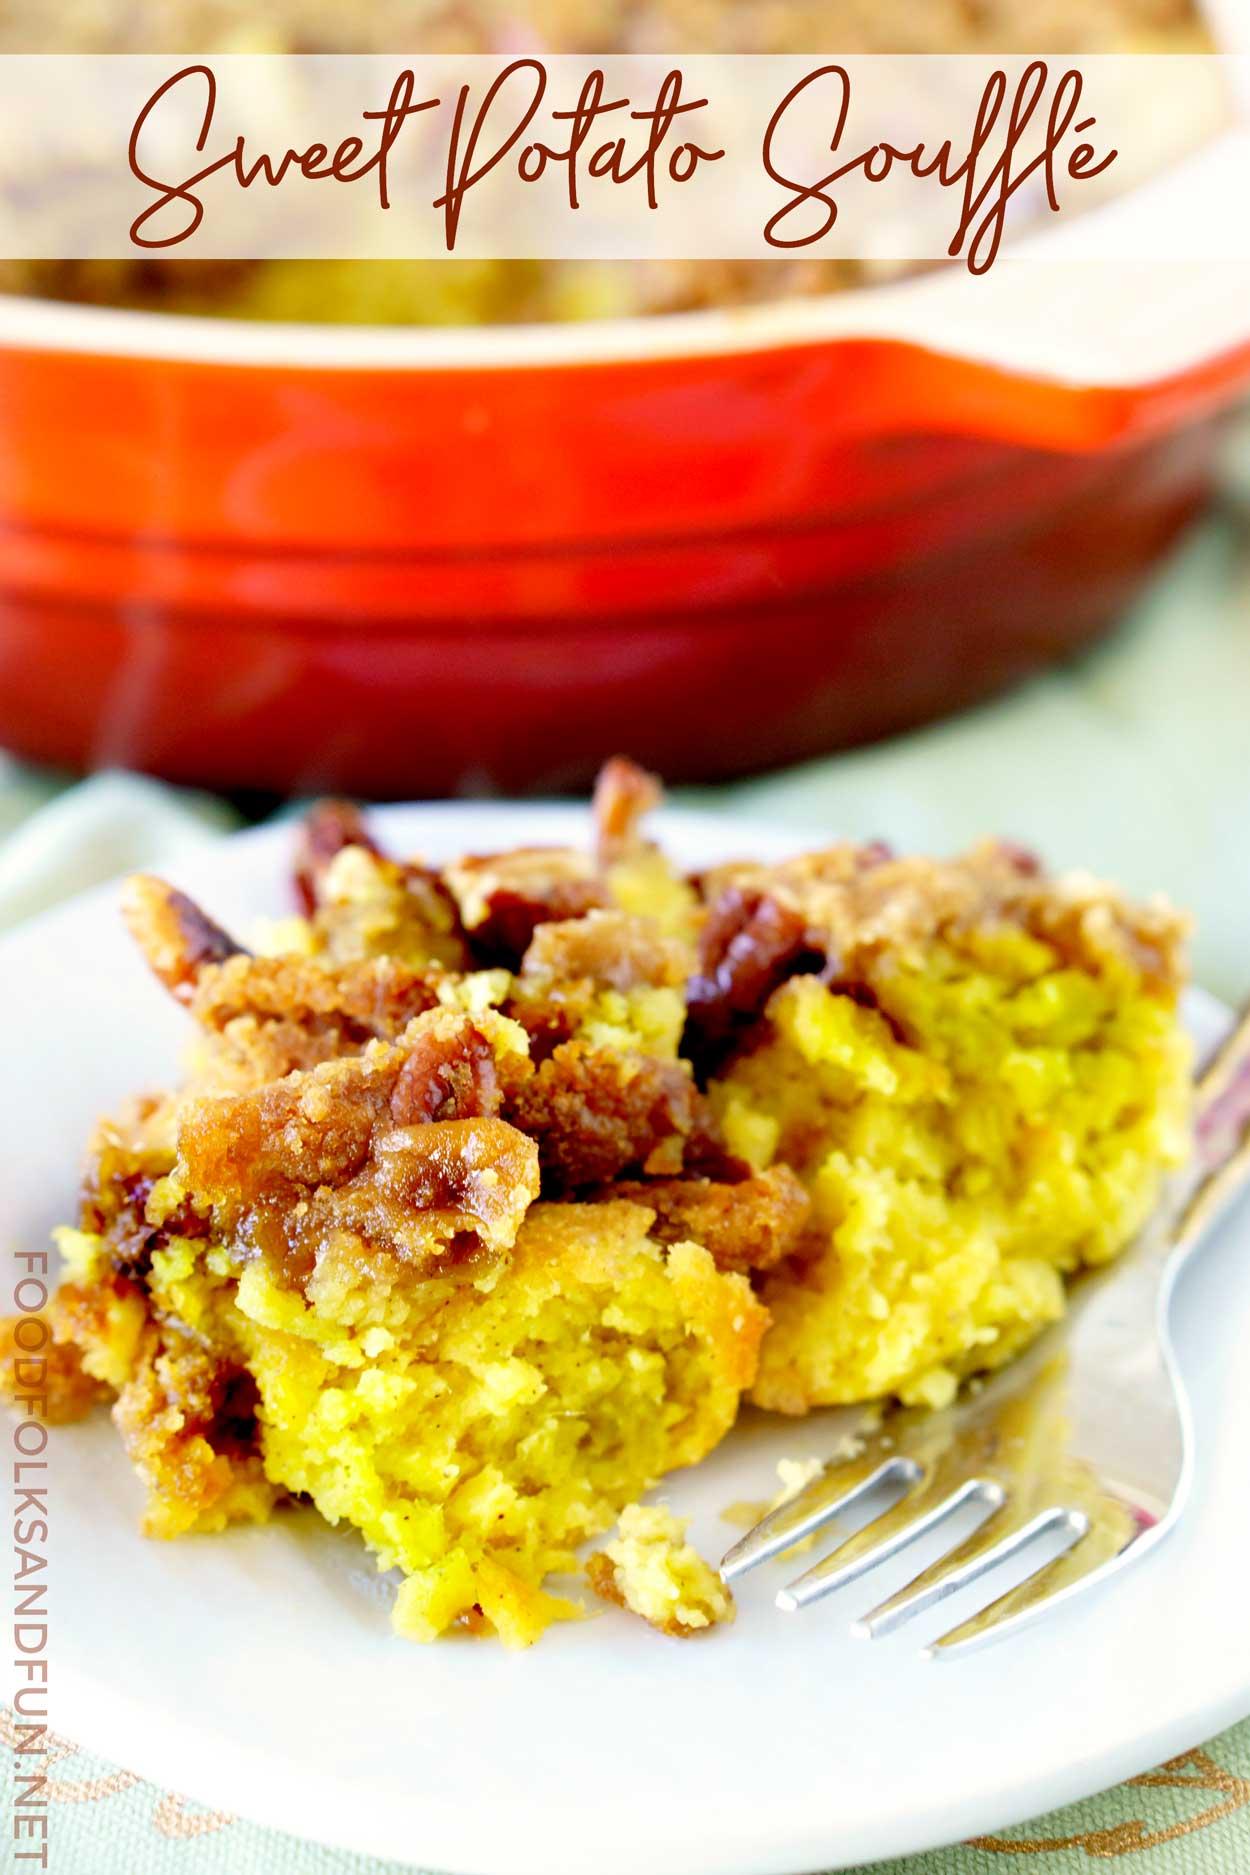 Potato souffle recipes